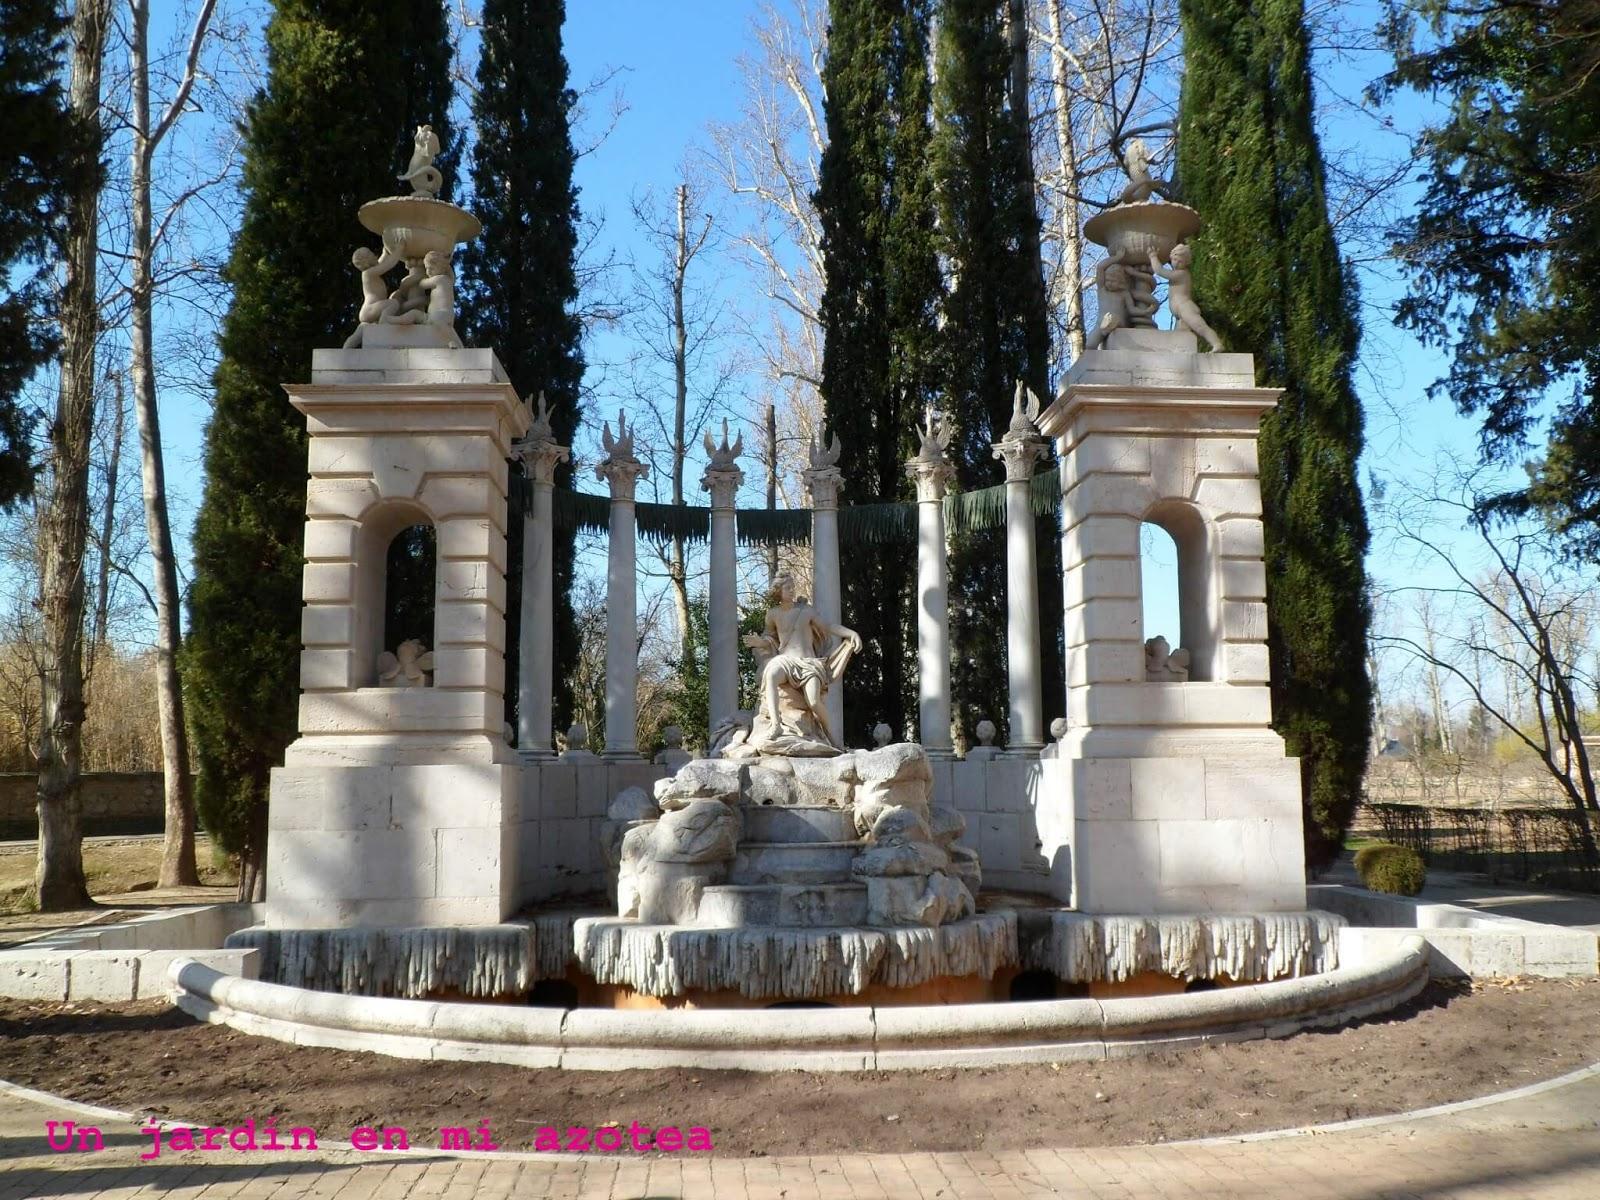 Un jard n en mi azotea el jard n del pr ncipe de aranjuez for El jardin del principe